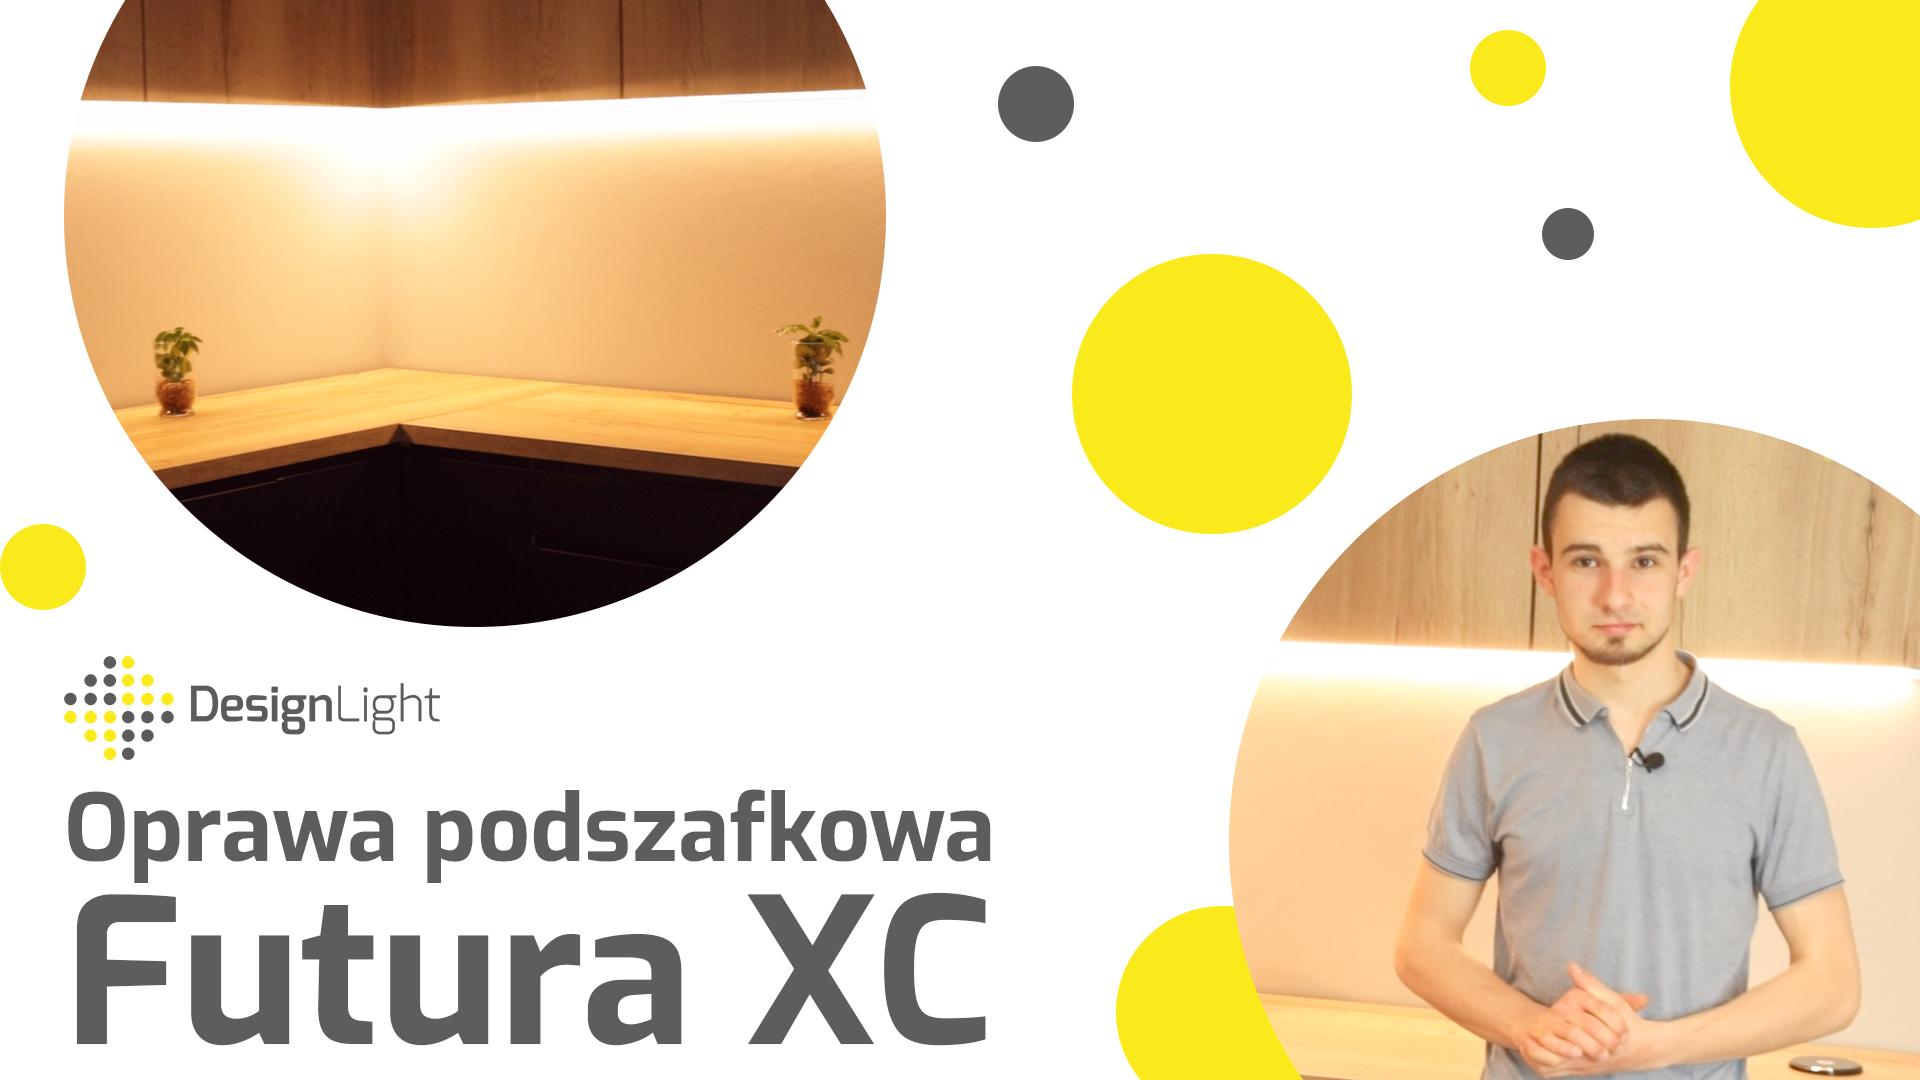 Oprawa podszafkowa Futura XC – montaż i działanie - Design Light